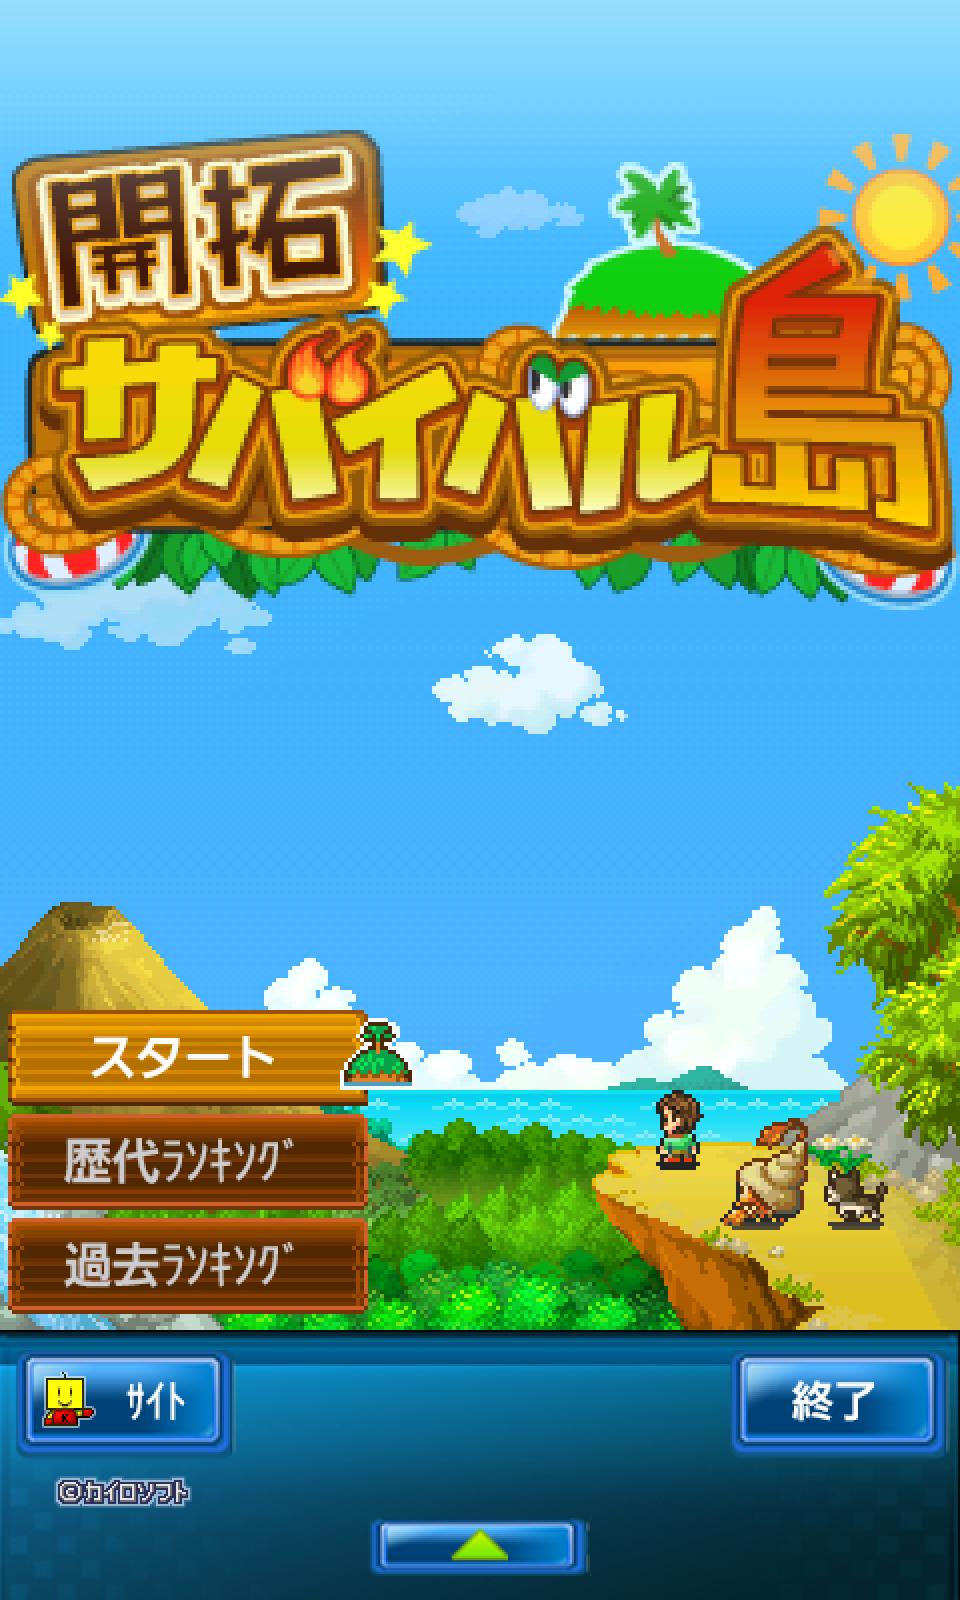 開拓サバイバル島 screenshot #16